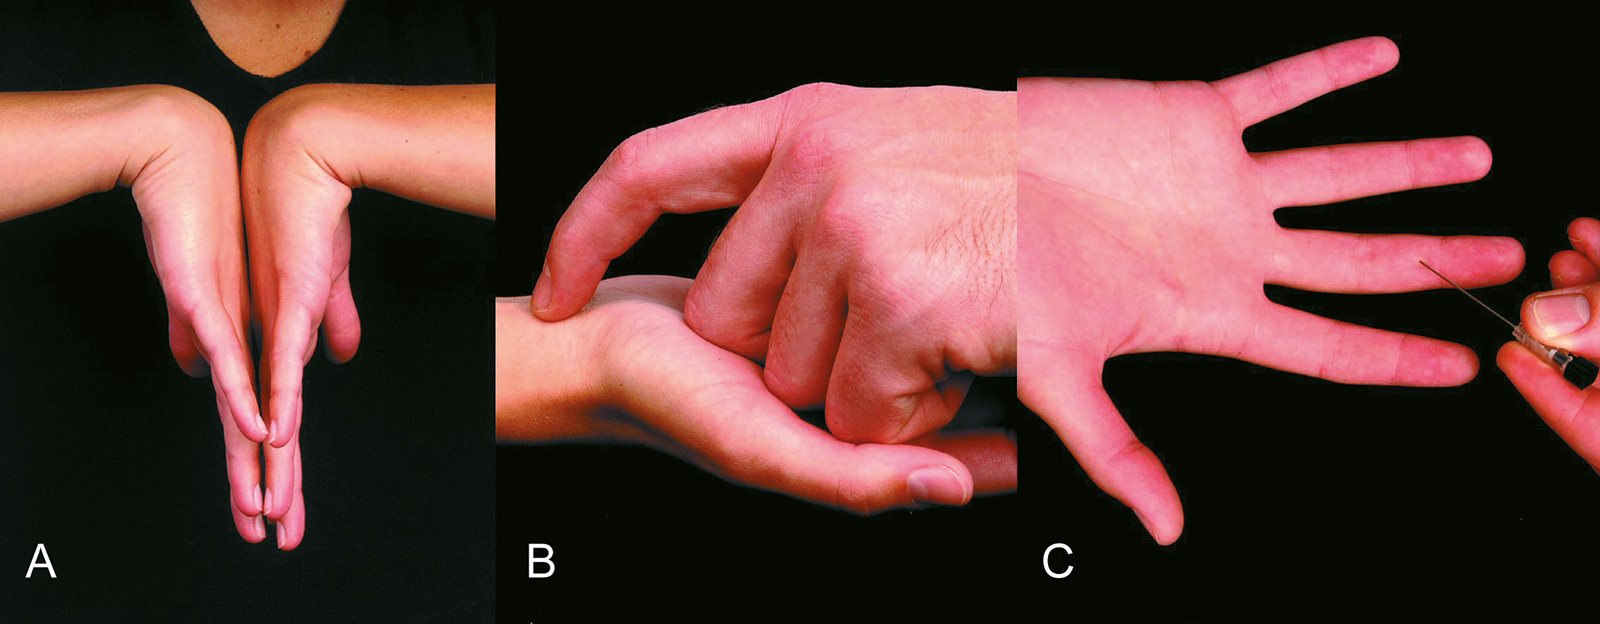 Abb. 7-26: Phalen-Test (A), Hoffmann-Tinnel'sches Zeichen (B) und Untersuchung der Zweipunktdiskrimination (C)